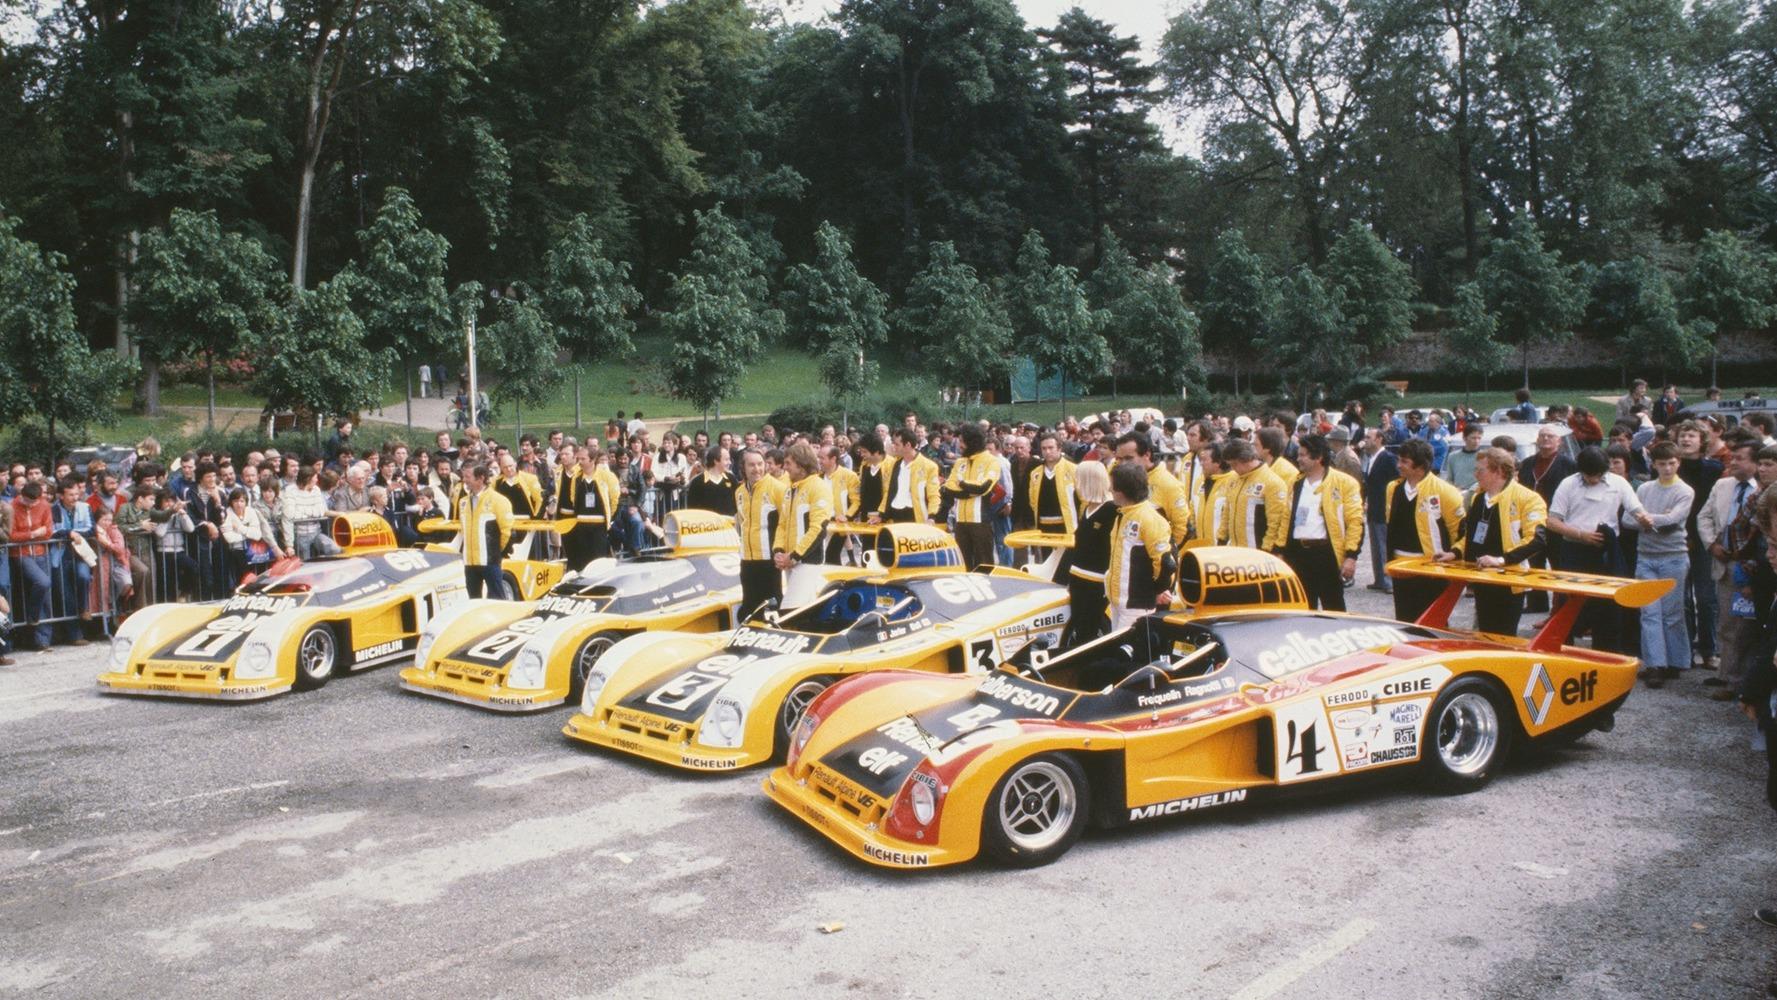 Renault satset stort for å vinne Le Mans i 1978, noe dette bildet beviser.